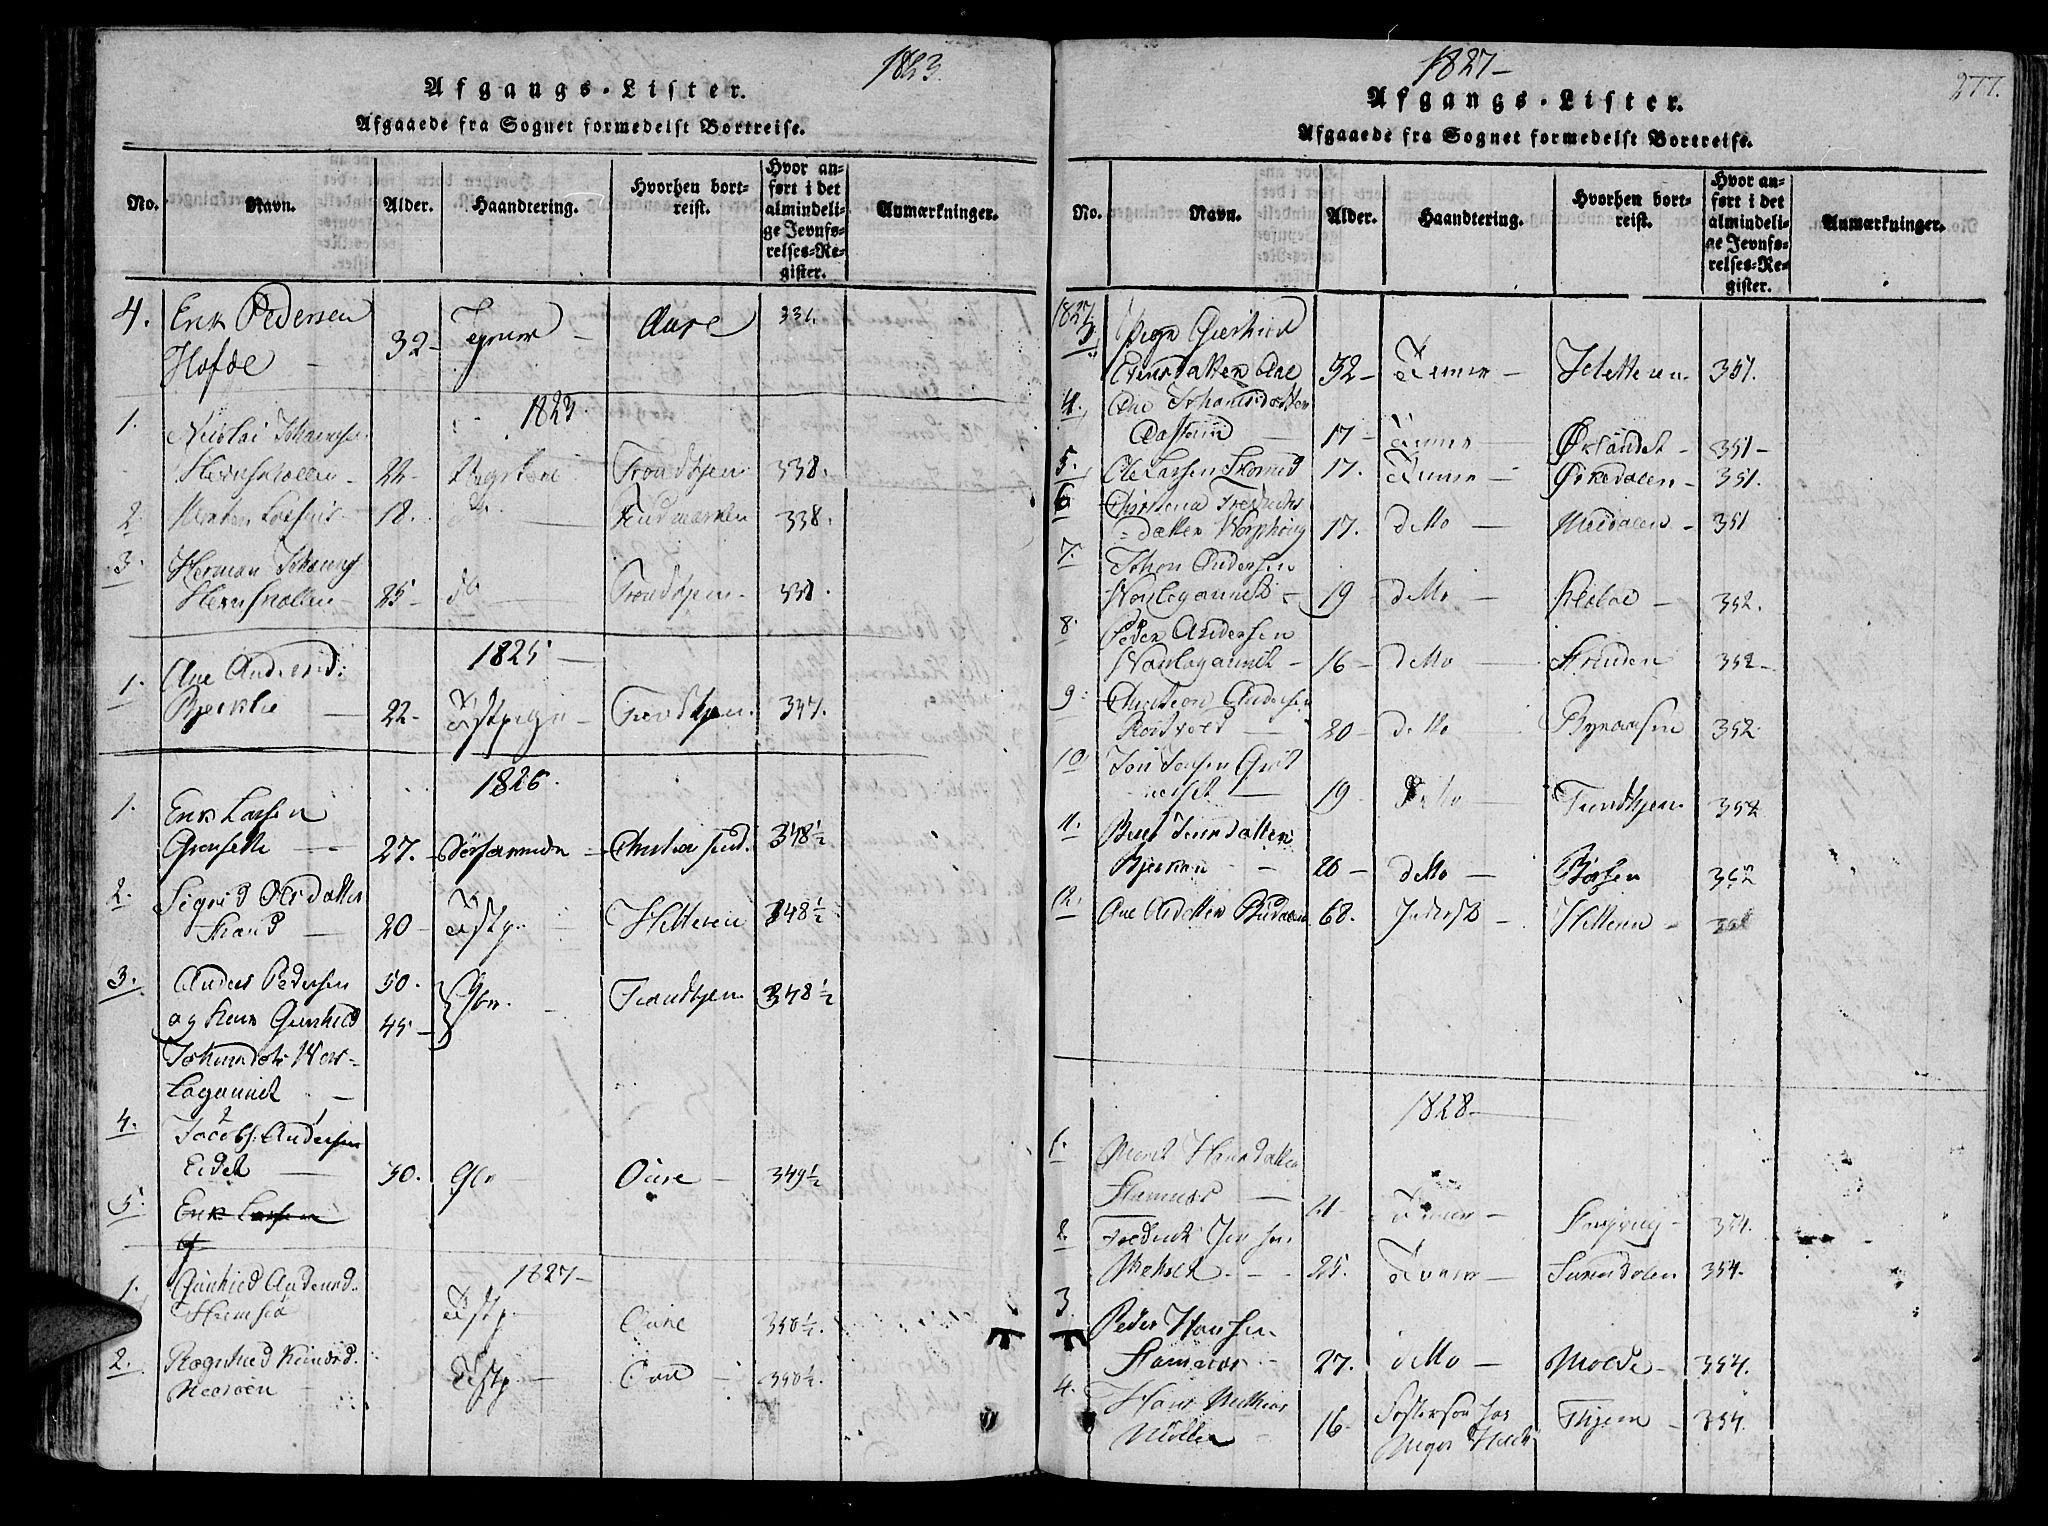 SAT, Ministerialprotokoller, klokkerbøker og fødselsregistre - Sør-Trøndelag, 630/L0491: Ministerialbok nr. 630A04, 1818-1830, s. 277